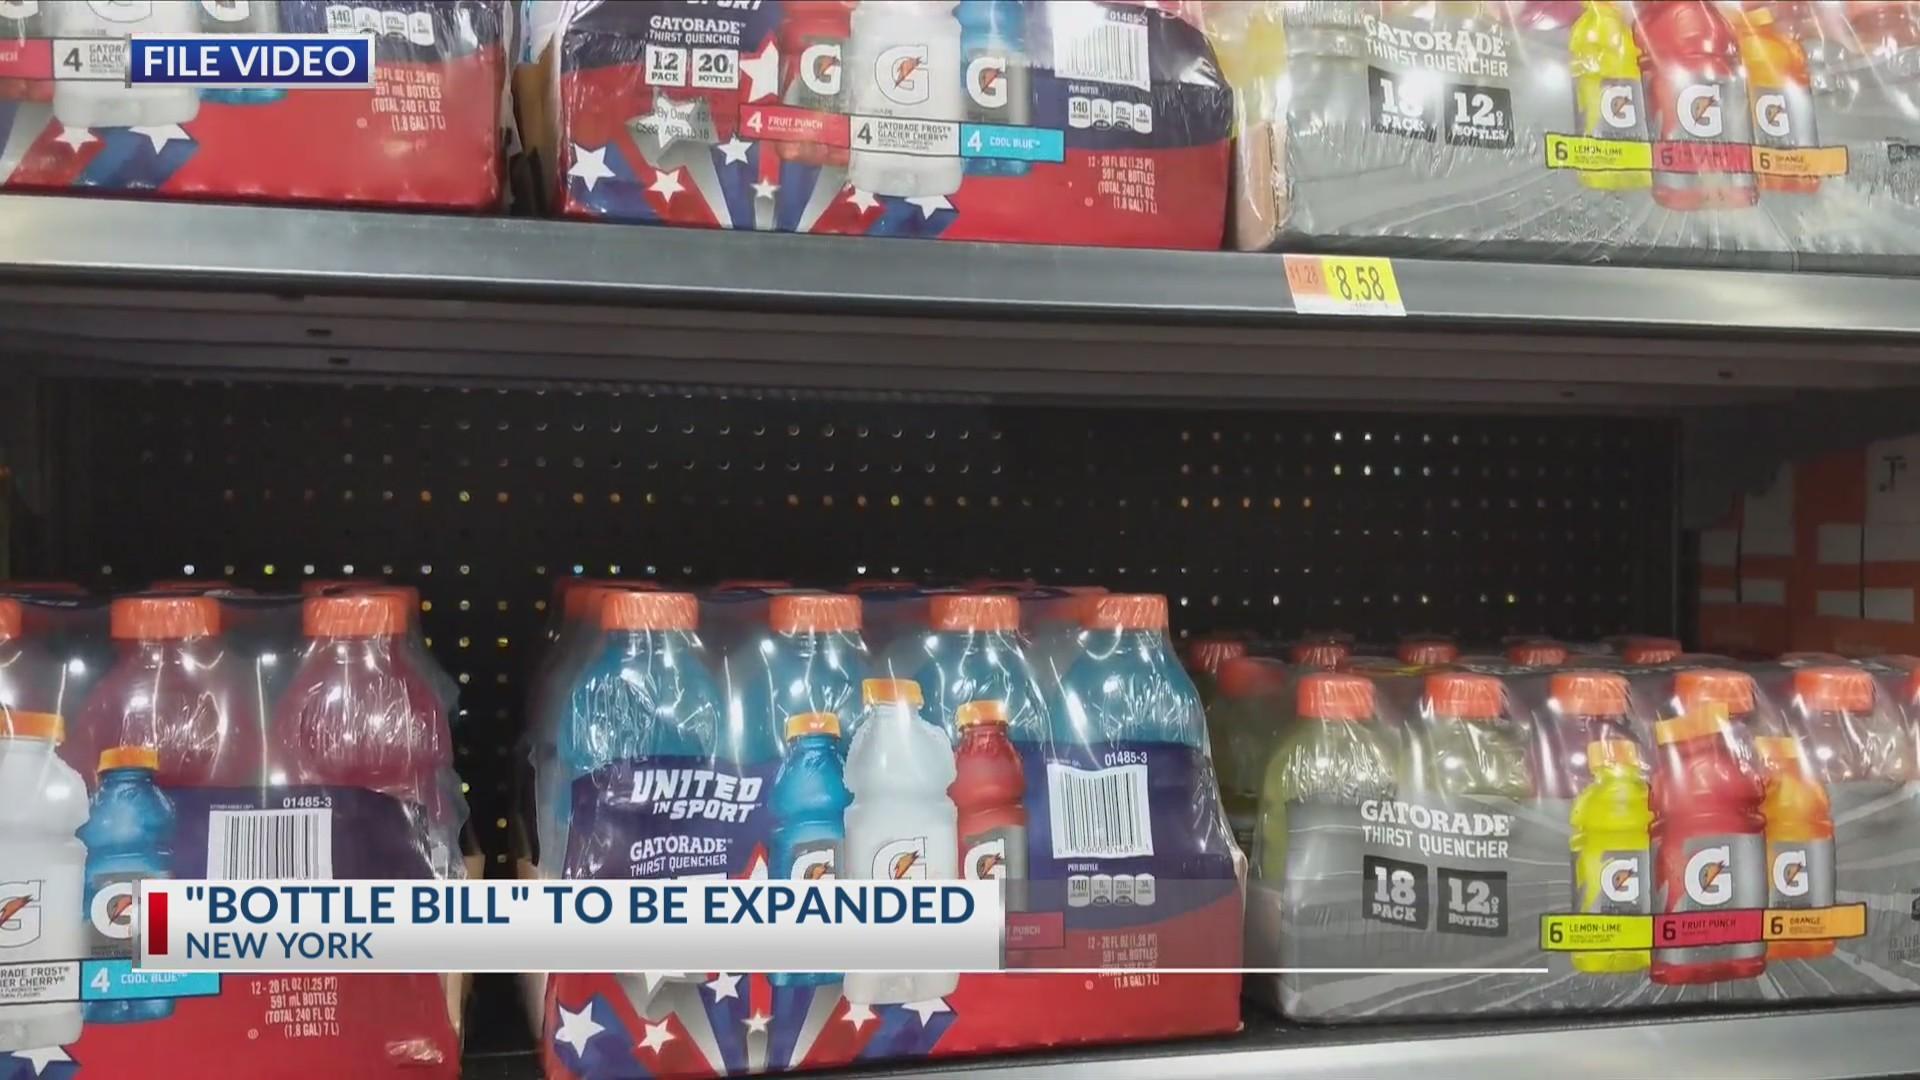 Bottle_bill_expansion_and_plastic_bag_ba_0_20190114045550-118809198